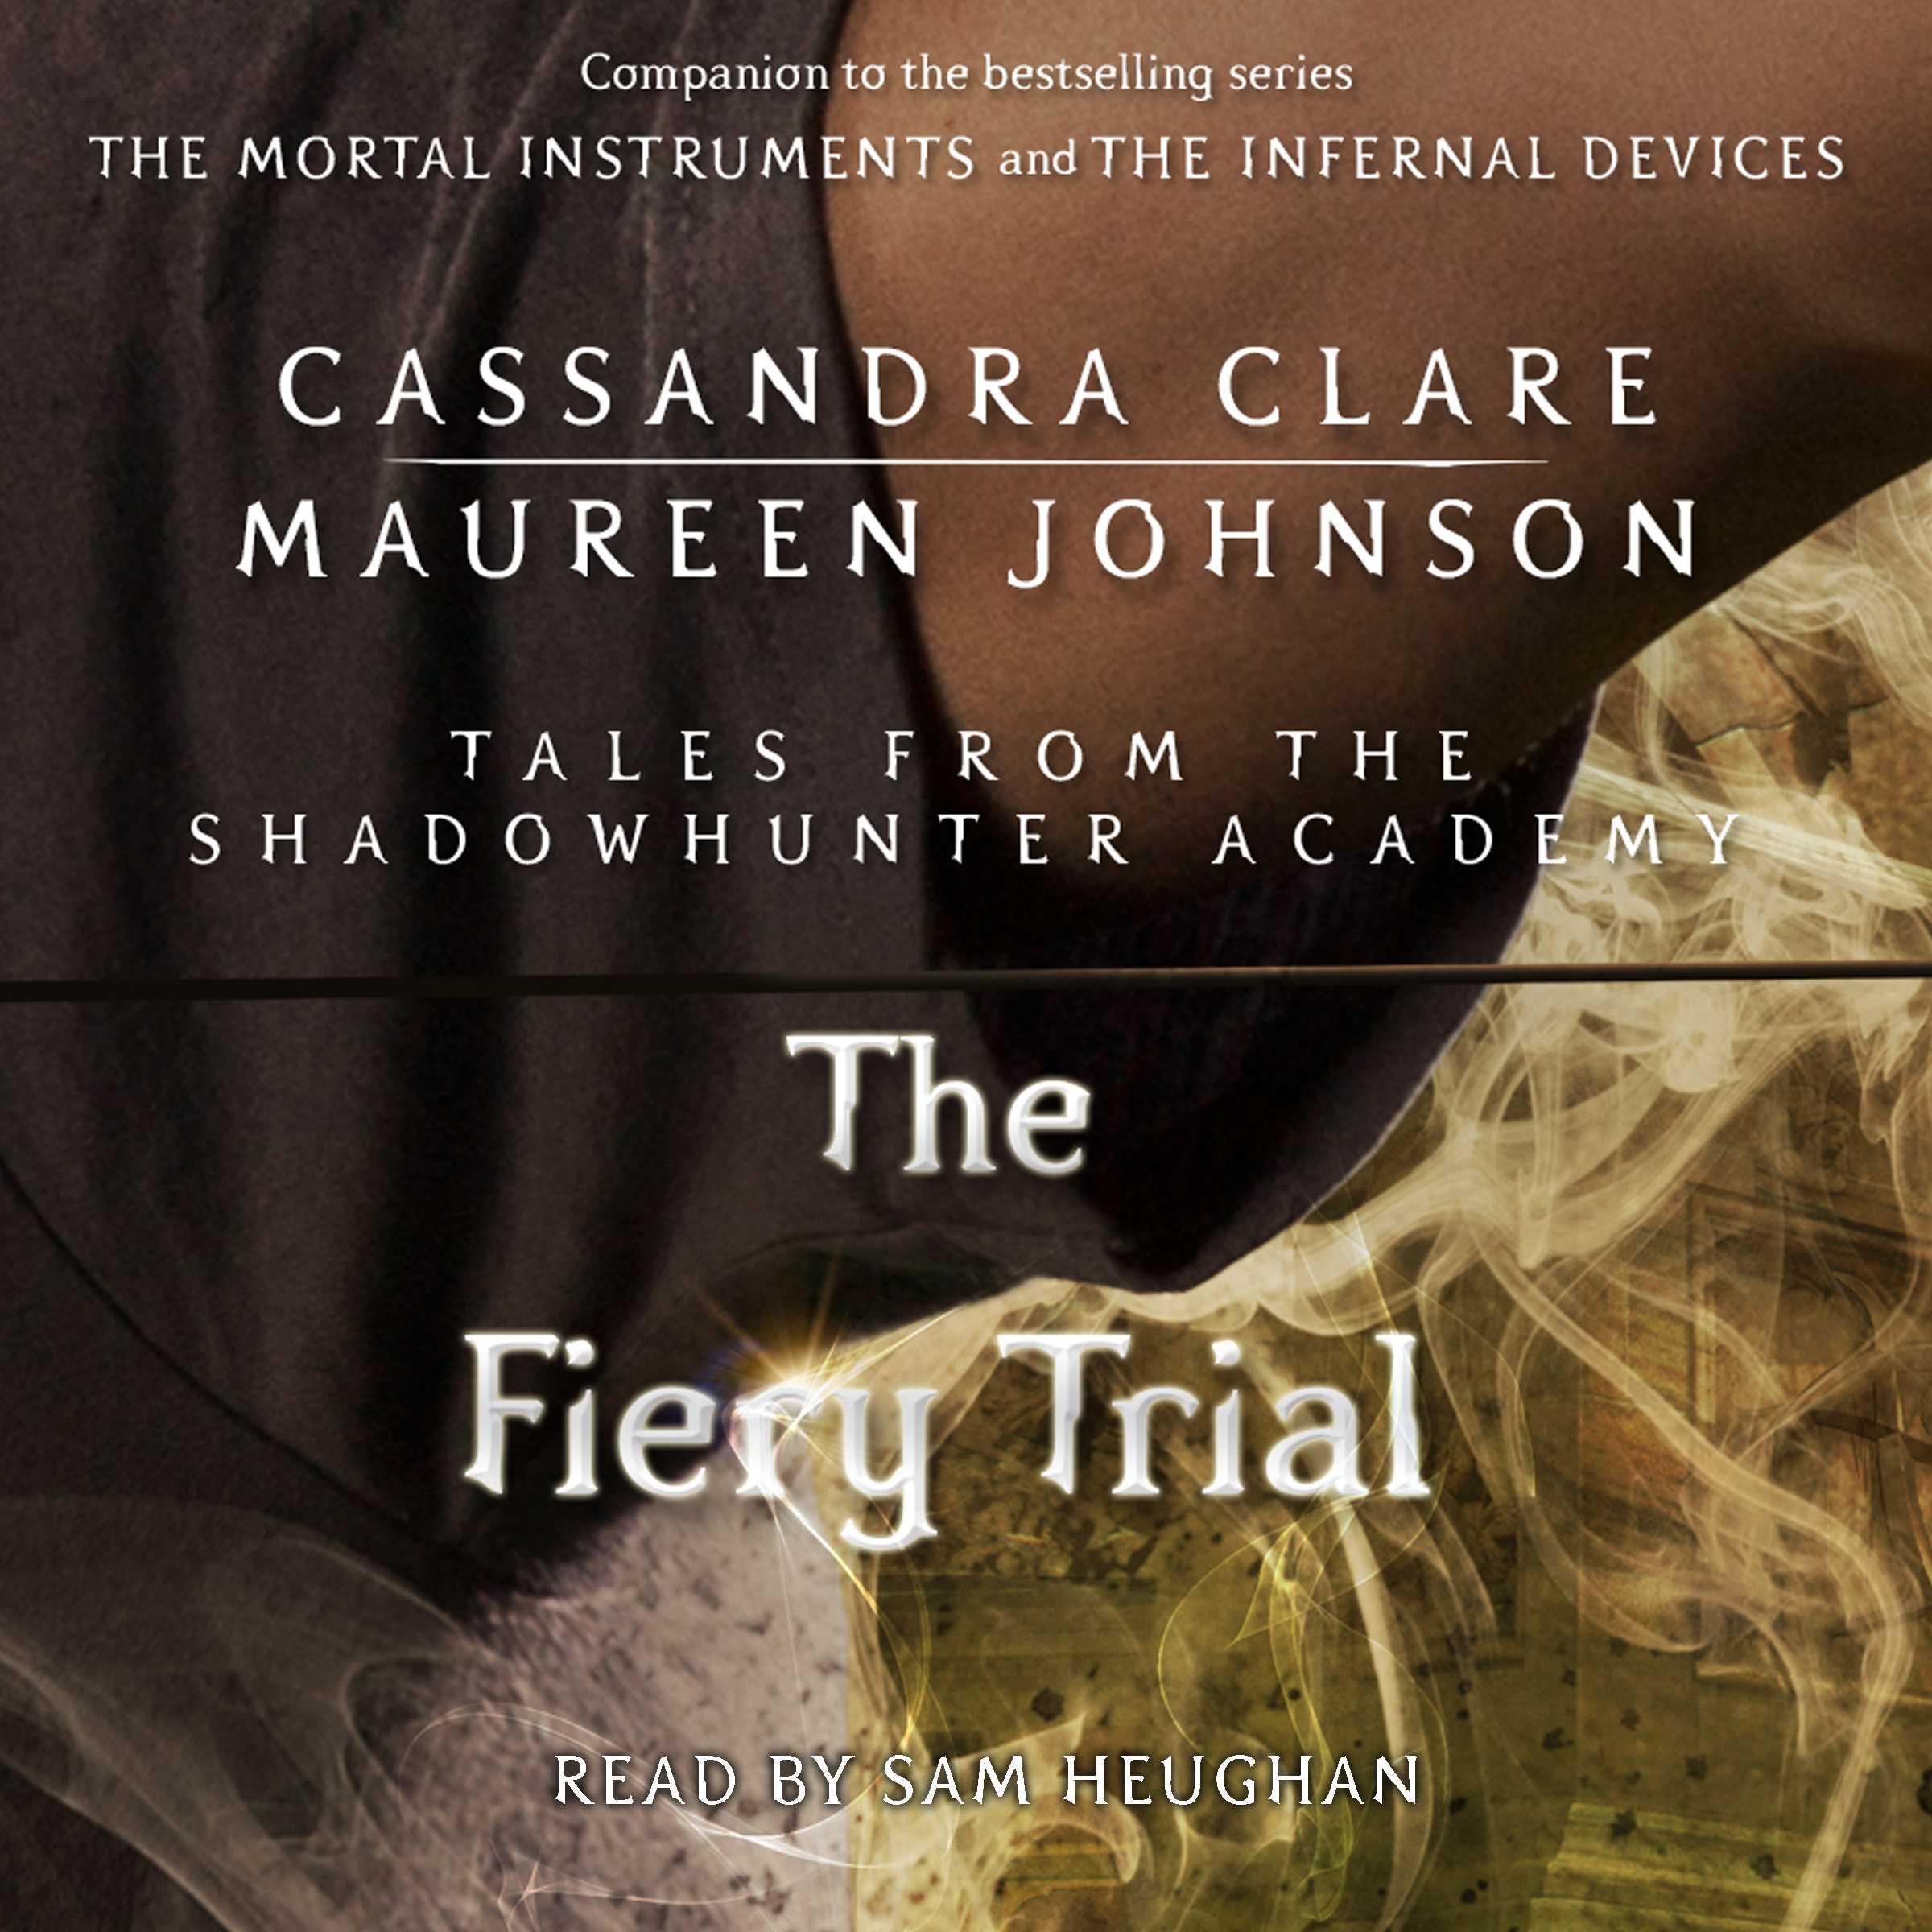 The fiery trial 9781442384149 hr